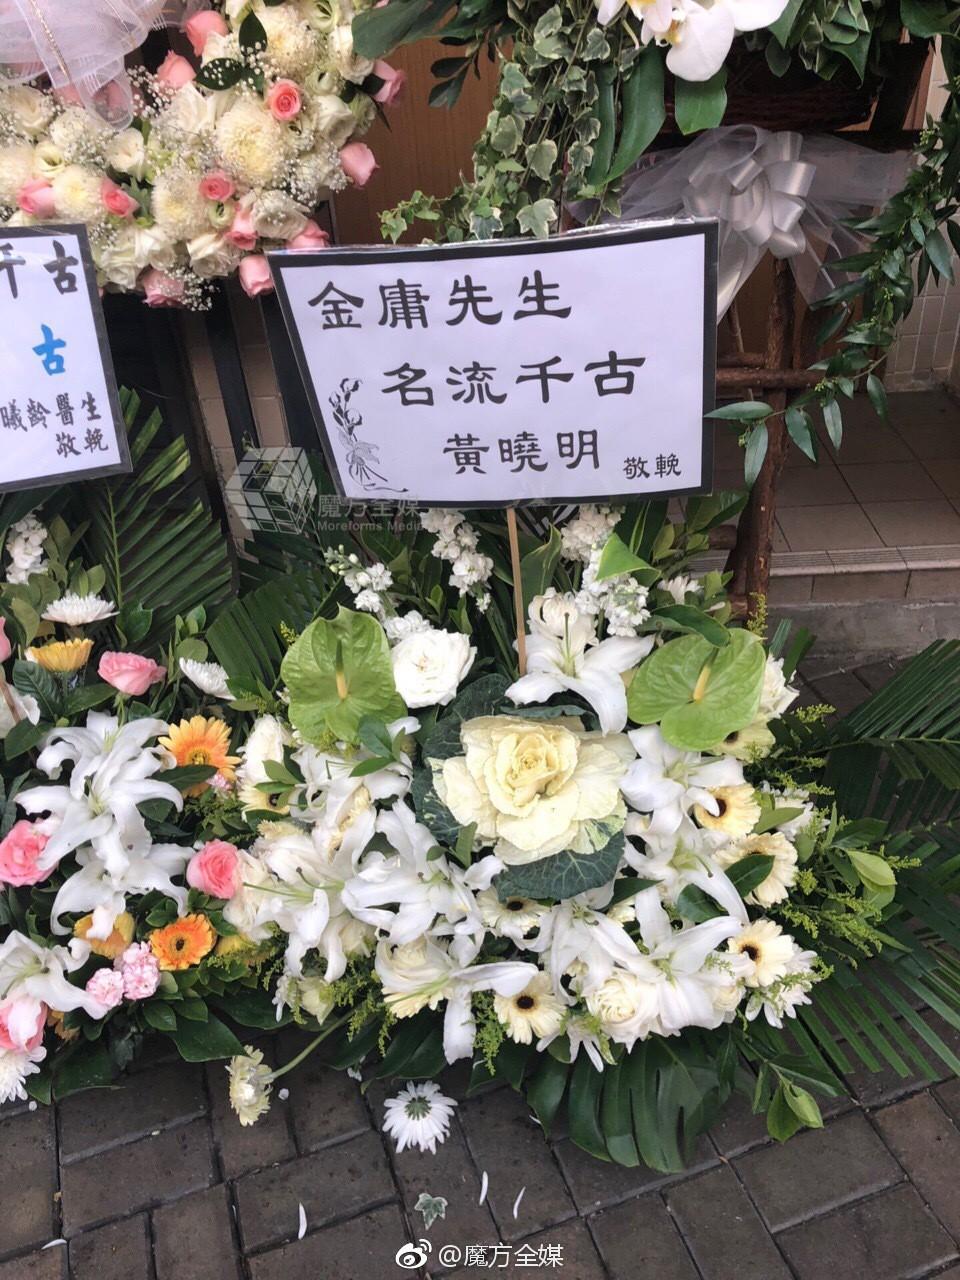 Nhiều nghệ sĩ và người nổi tiếng Trung Quốc gửi hoa viếng tang lễ Kim Dung - Ảnh 3